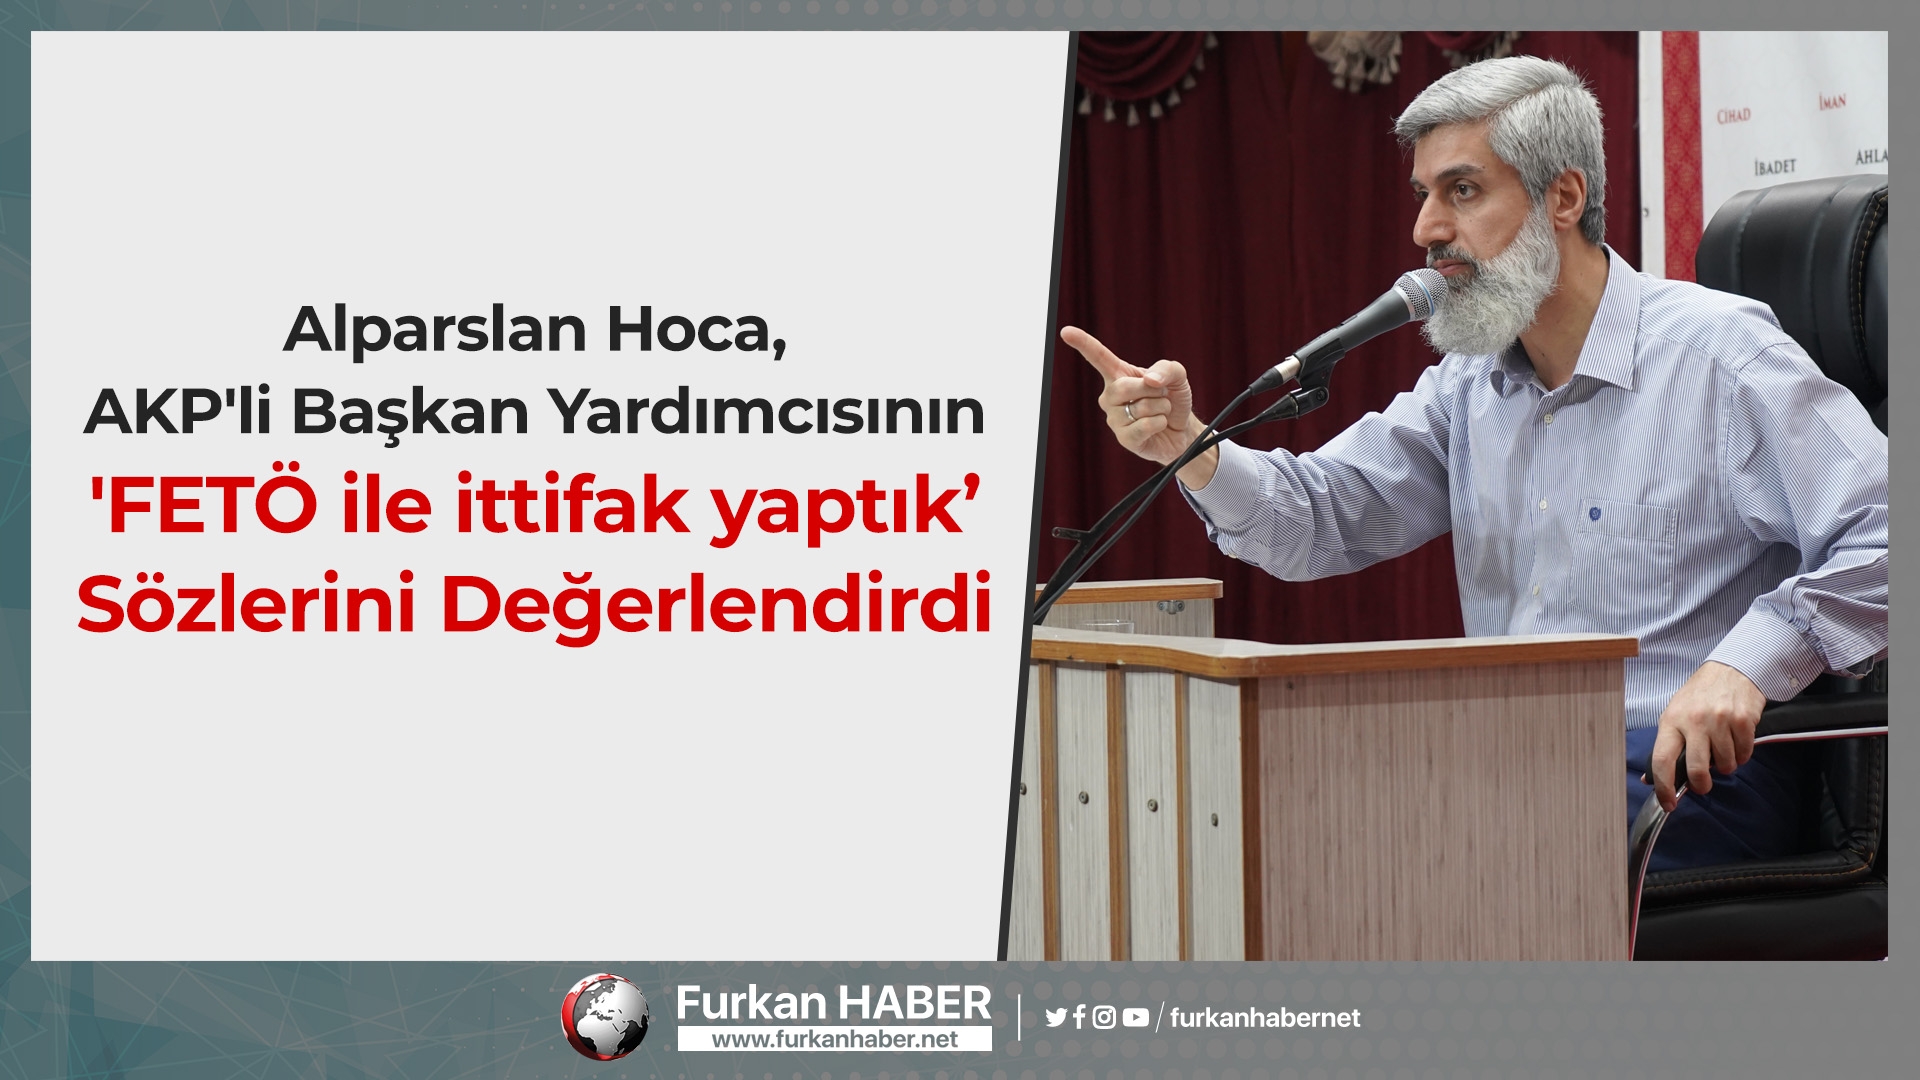 Alparslan Hoca, AKP'li Başkan Yardımcısının 'FETÖ ile ittifak yaptık' Sözlerini Değerlendirdi